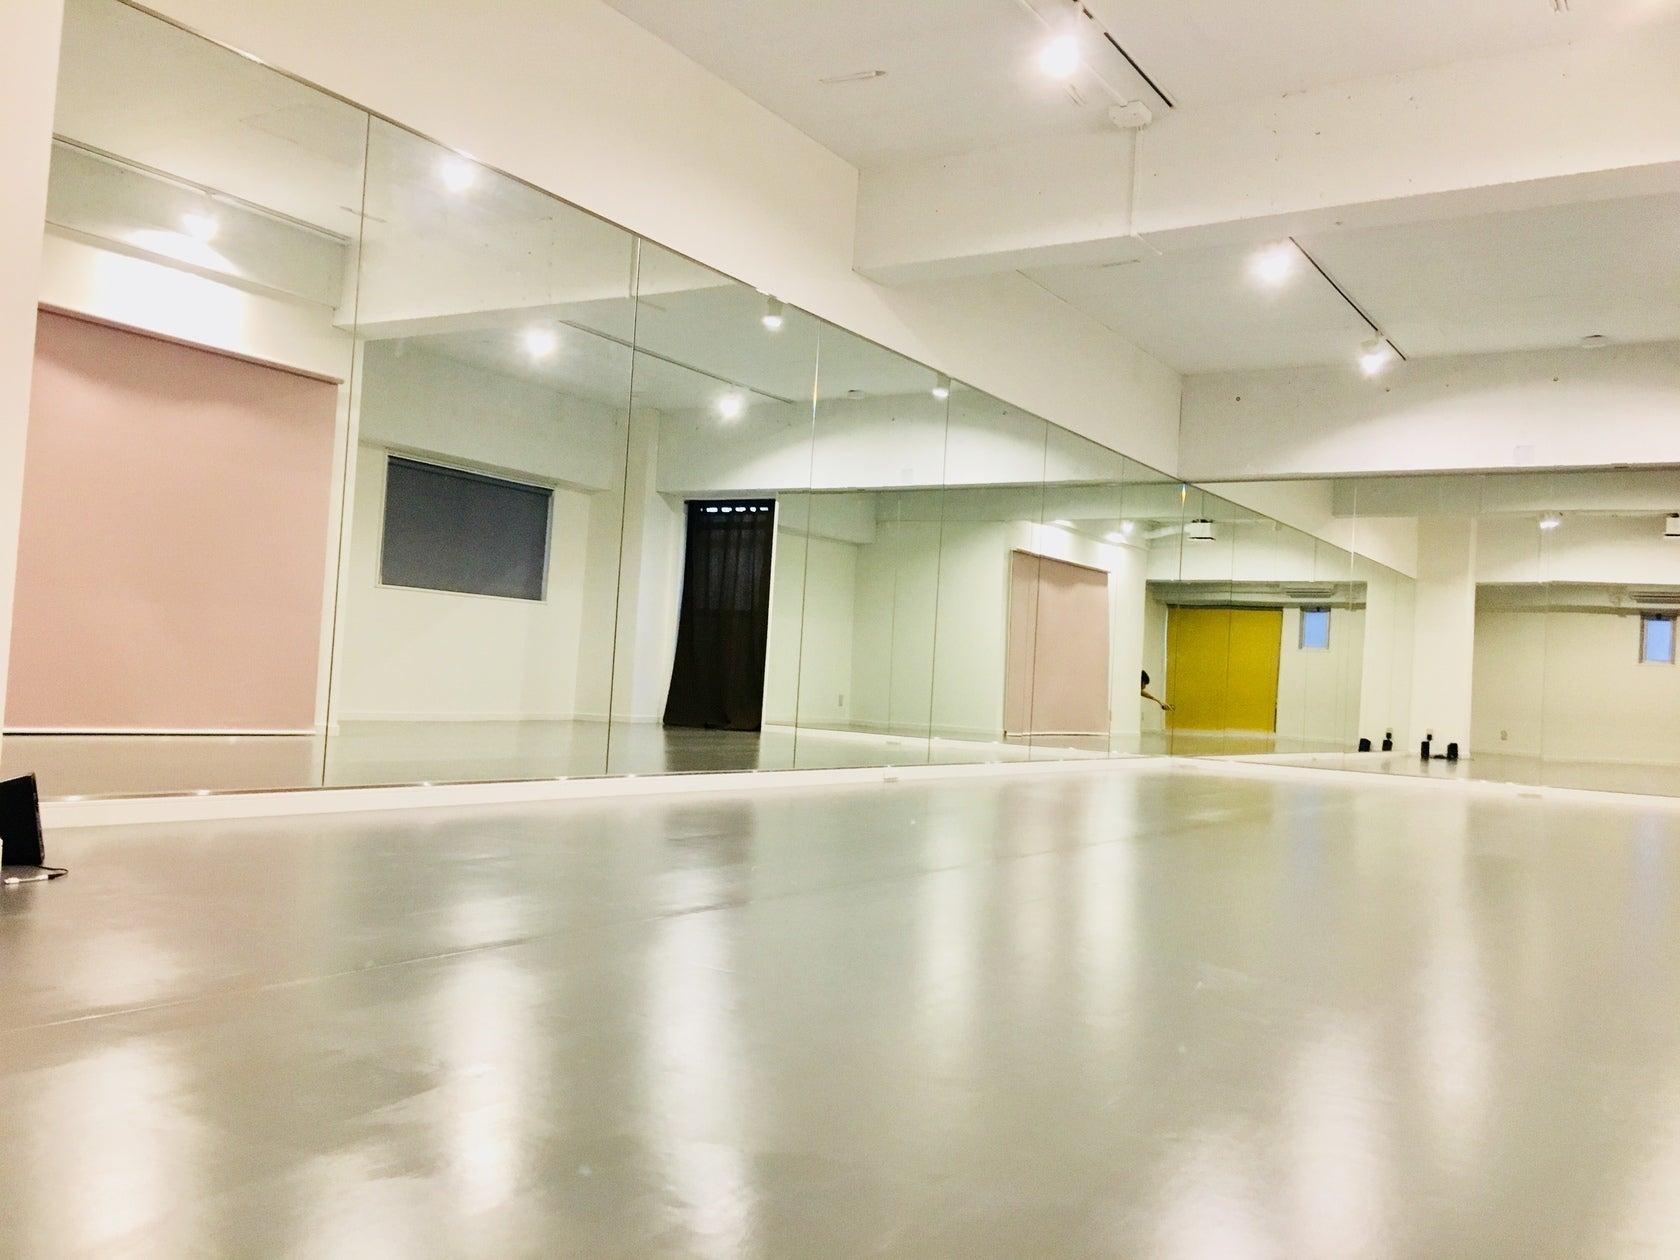 女性専用レンタルスタジオ。ダンス、ヨガ、ピラティス、ウォーキングレッスンなどに(女性専用レンタルスタジオ。ダンス、ヨガ、ピラティス、ウォーキングレッスンなどに) の写真0